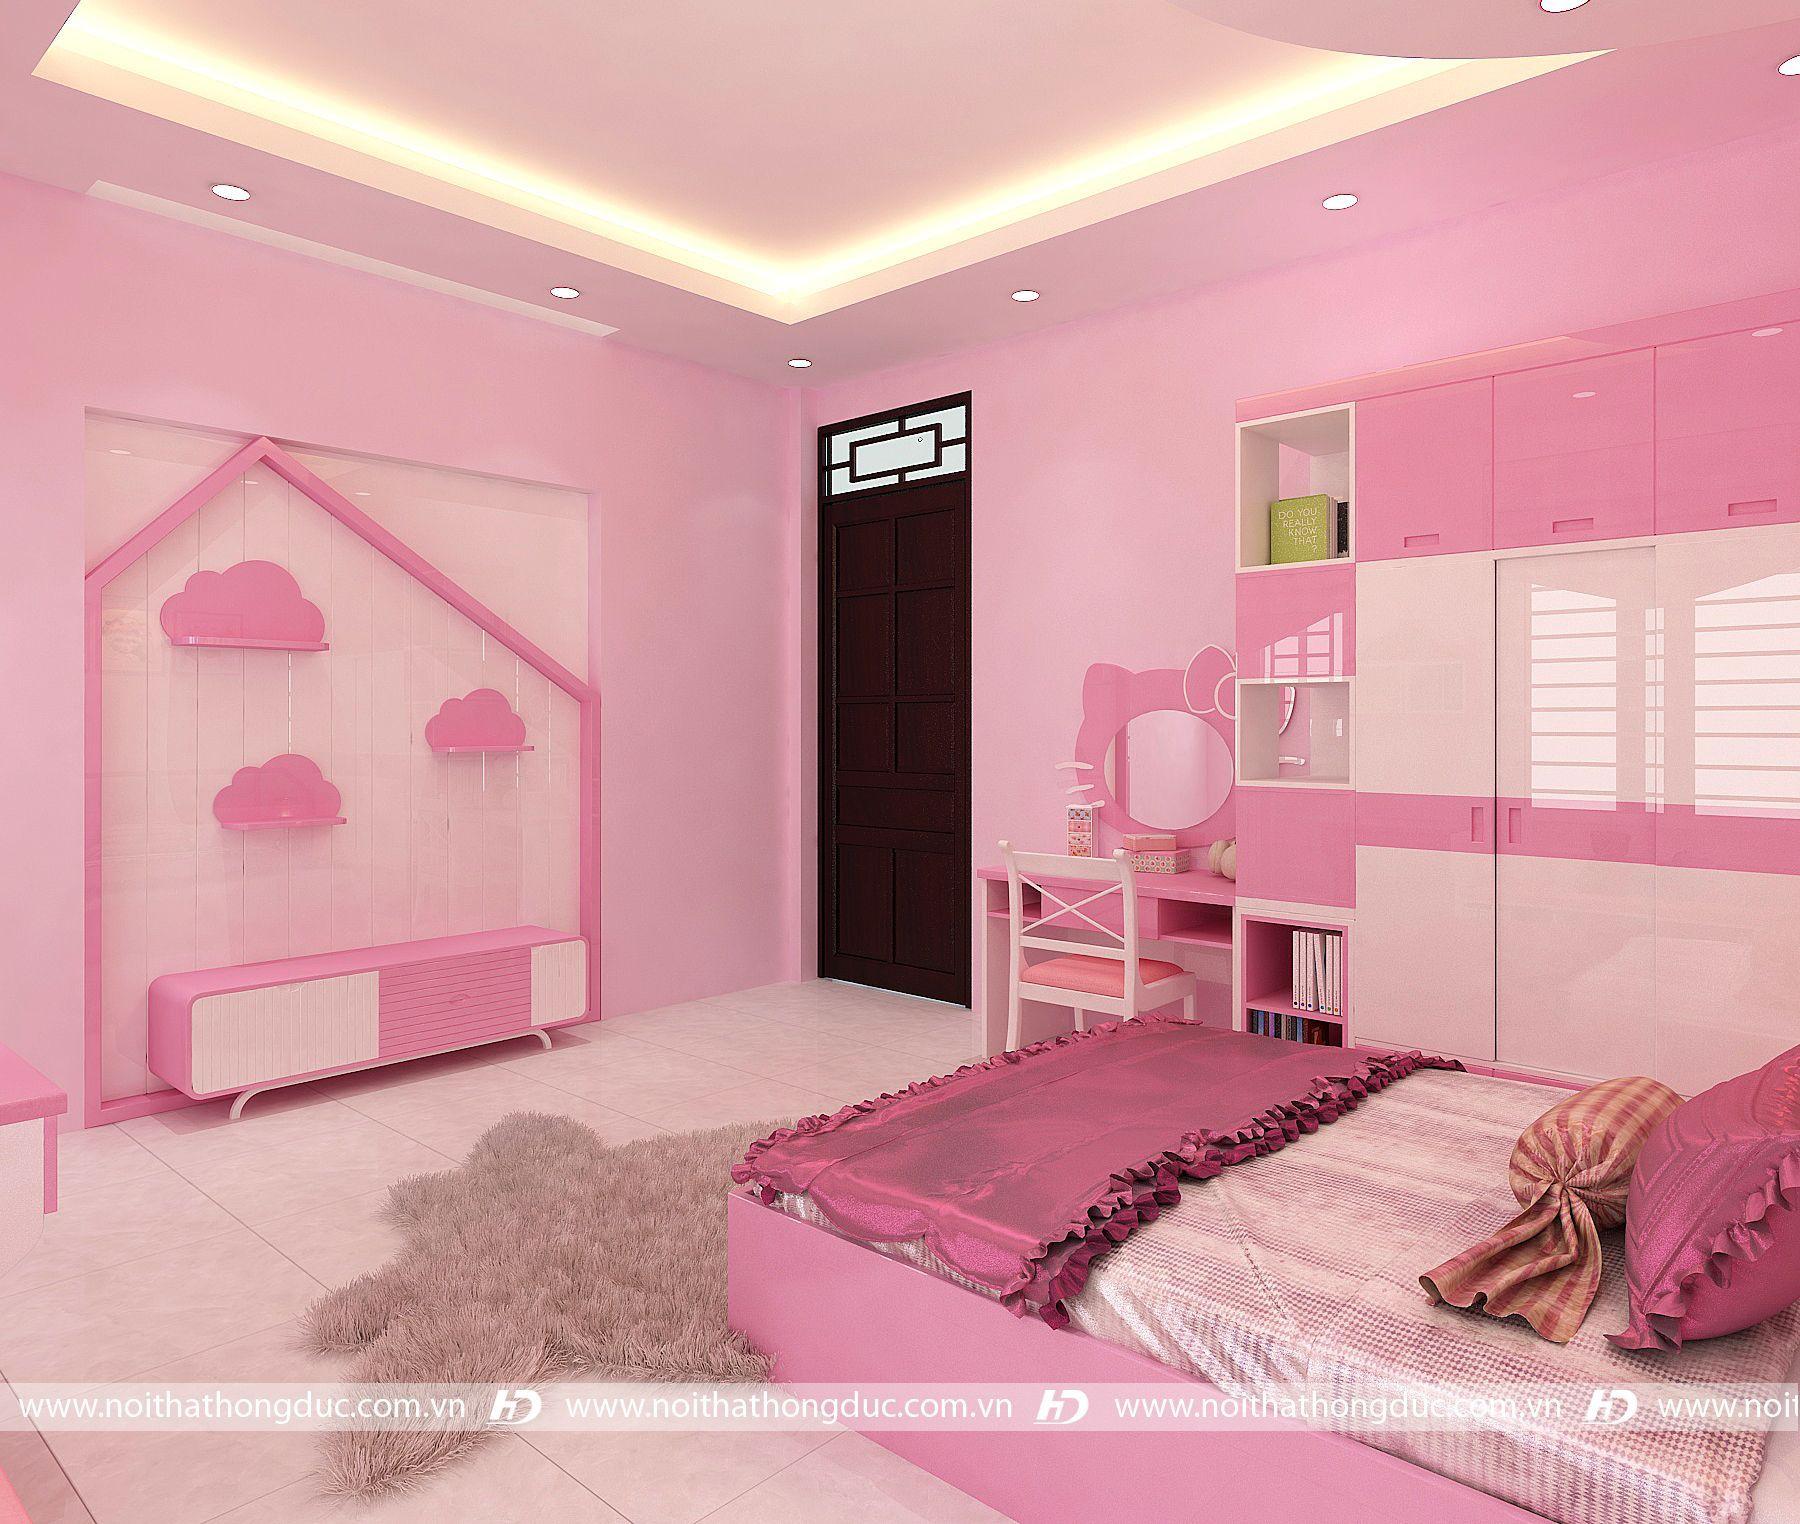 Thiết kế thi công nội thất biệt thự 39